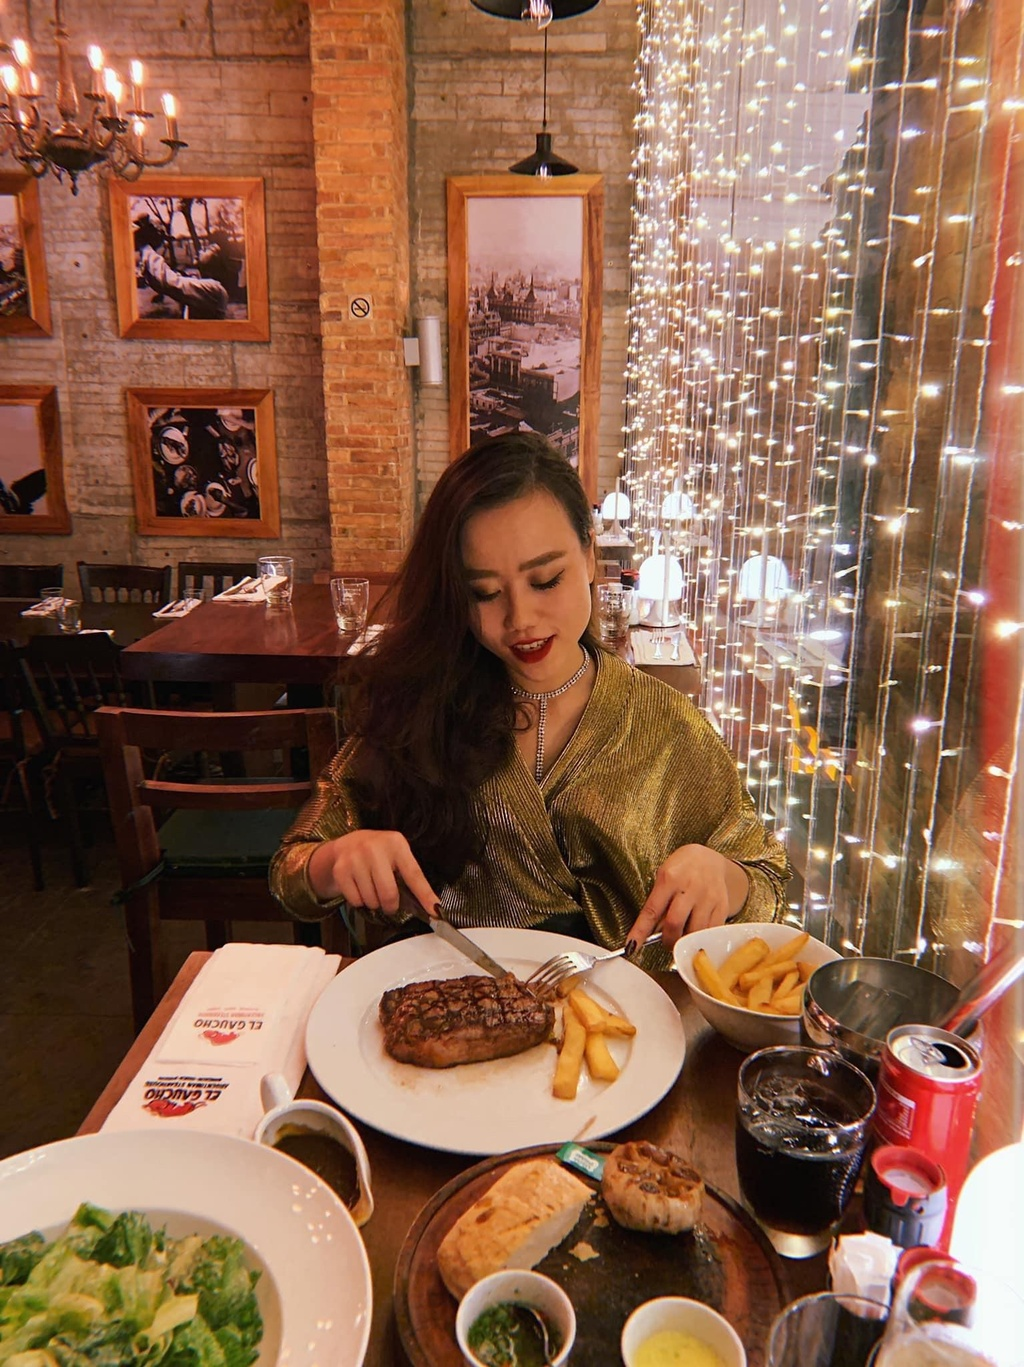 5 nhà hàng steak đắt xắt ra miếng nổi tiếng ở Hà Nội